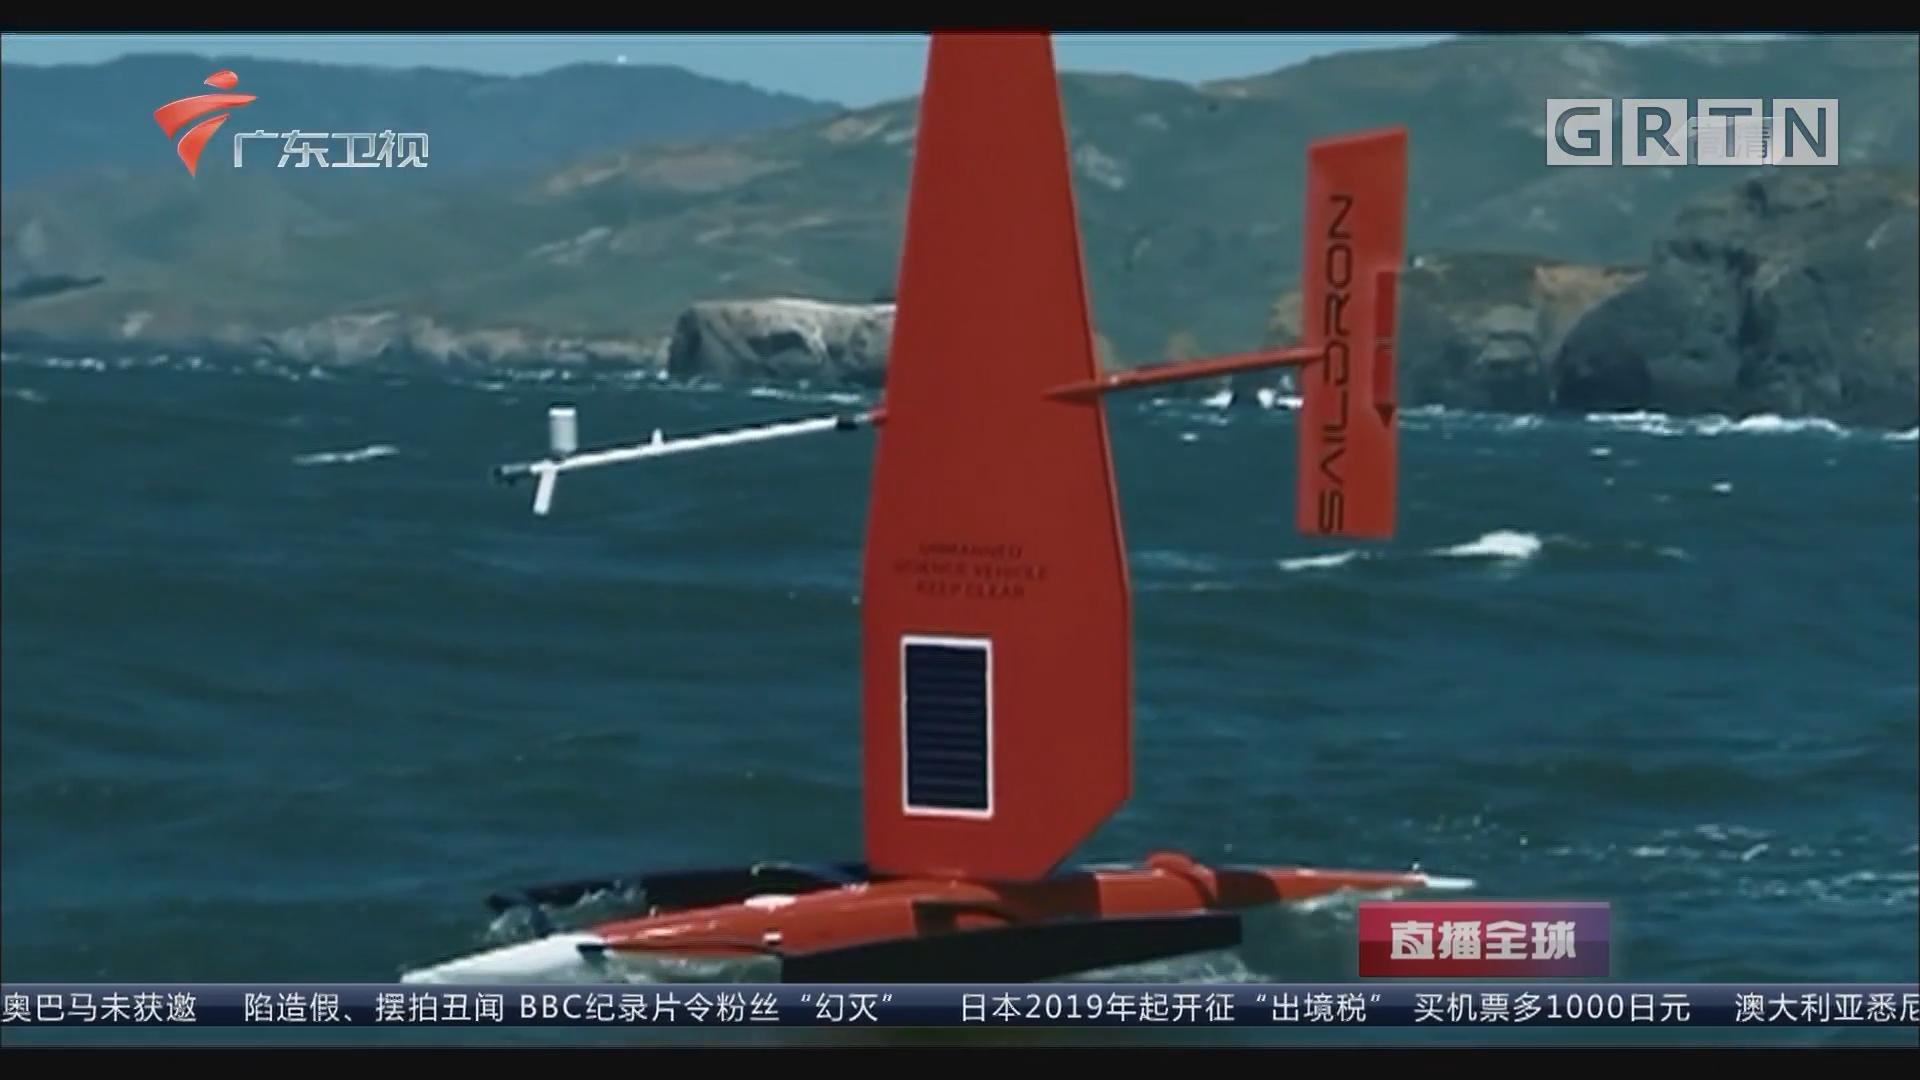 澳大利亚科学家用水上无人船探索海洋:停留时间长 安全系数高